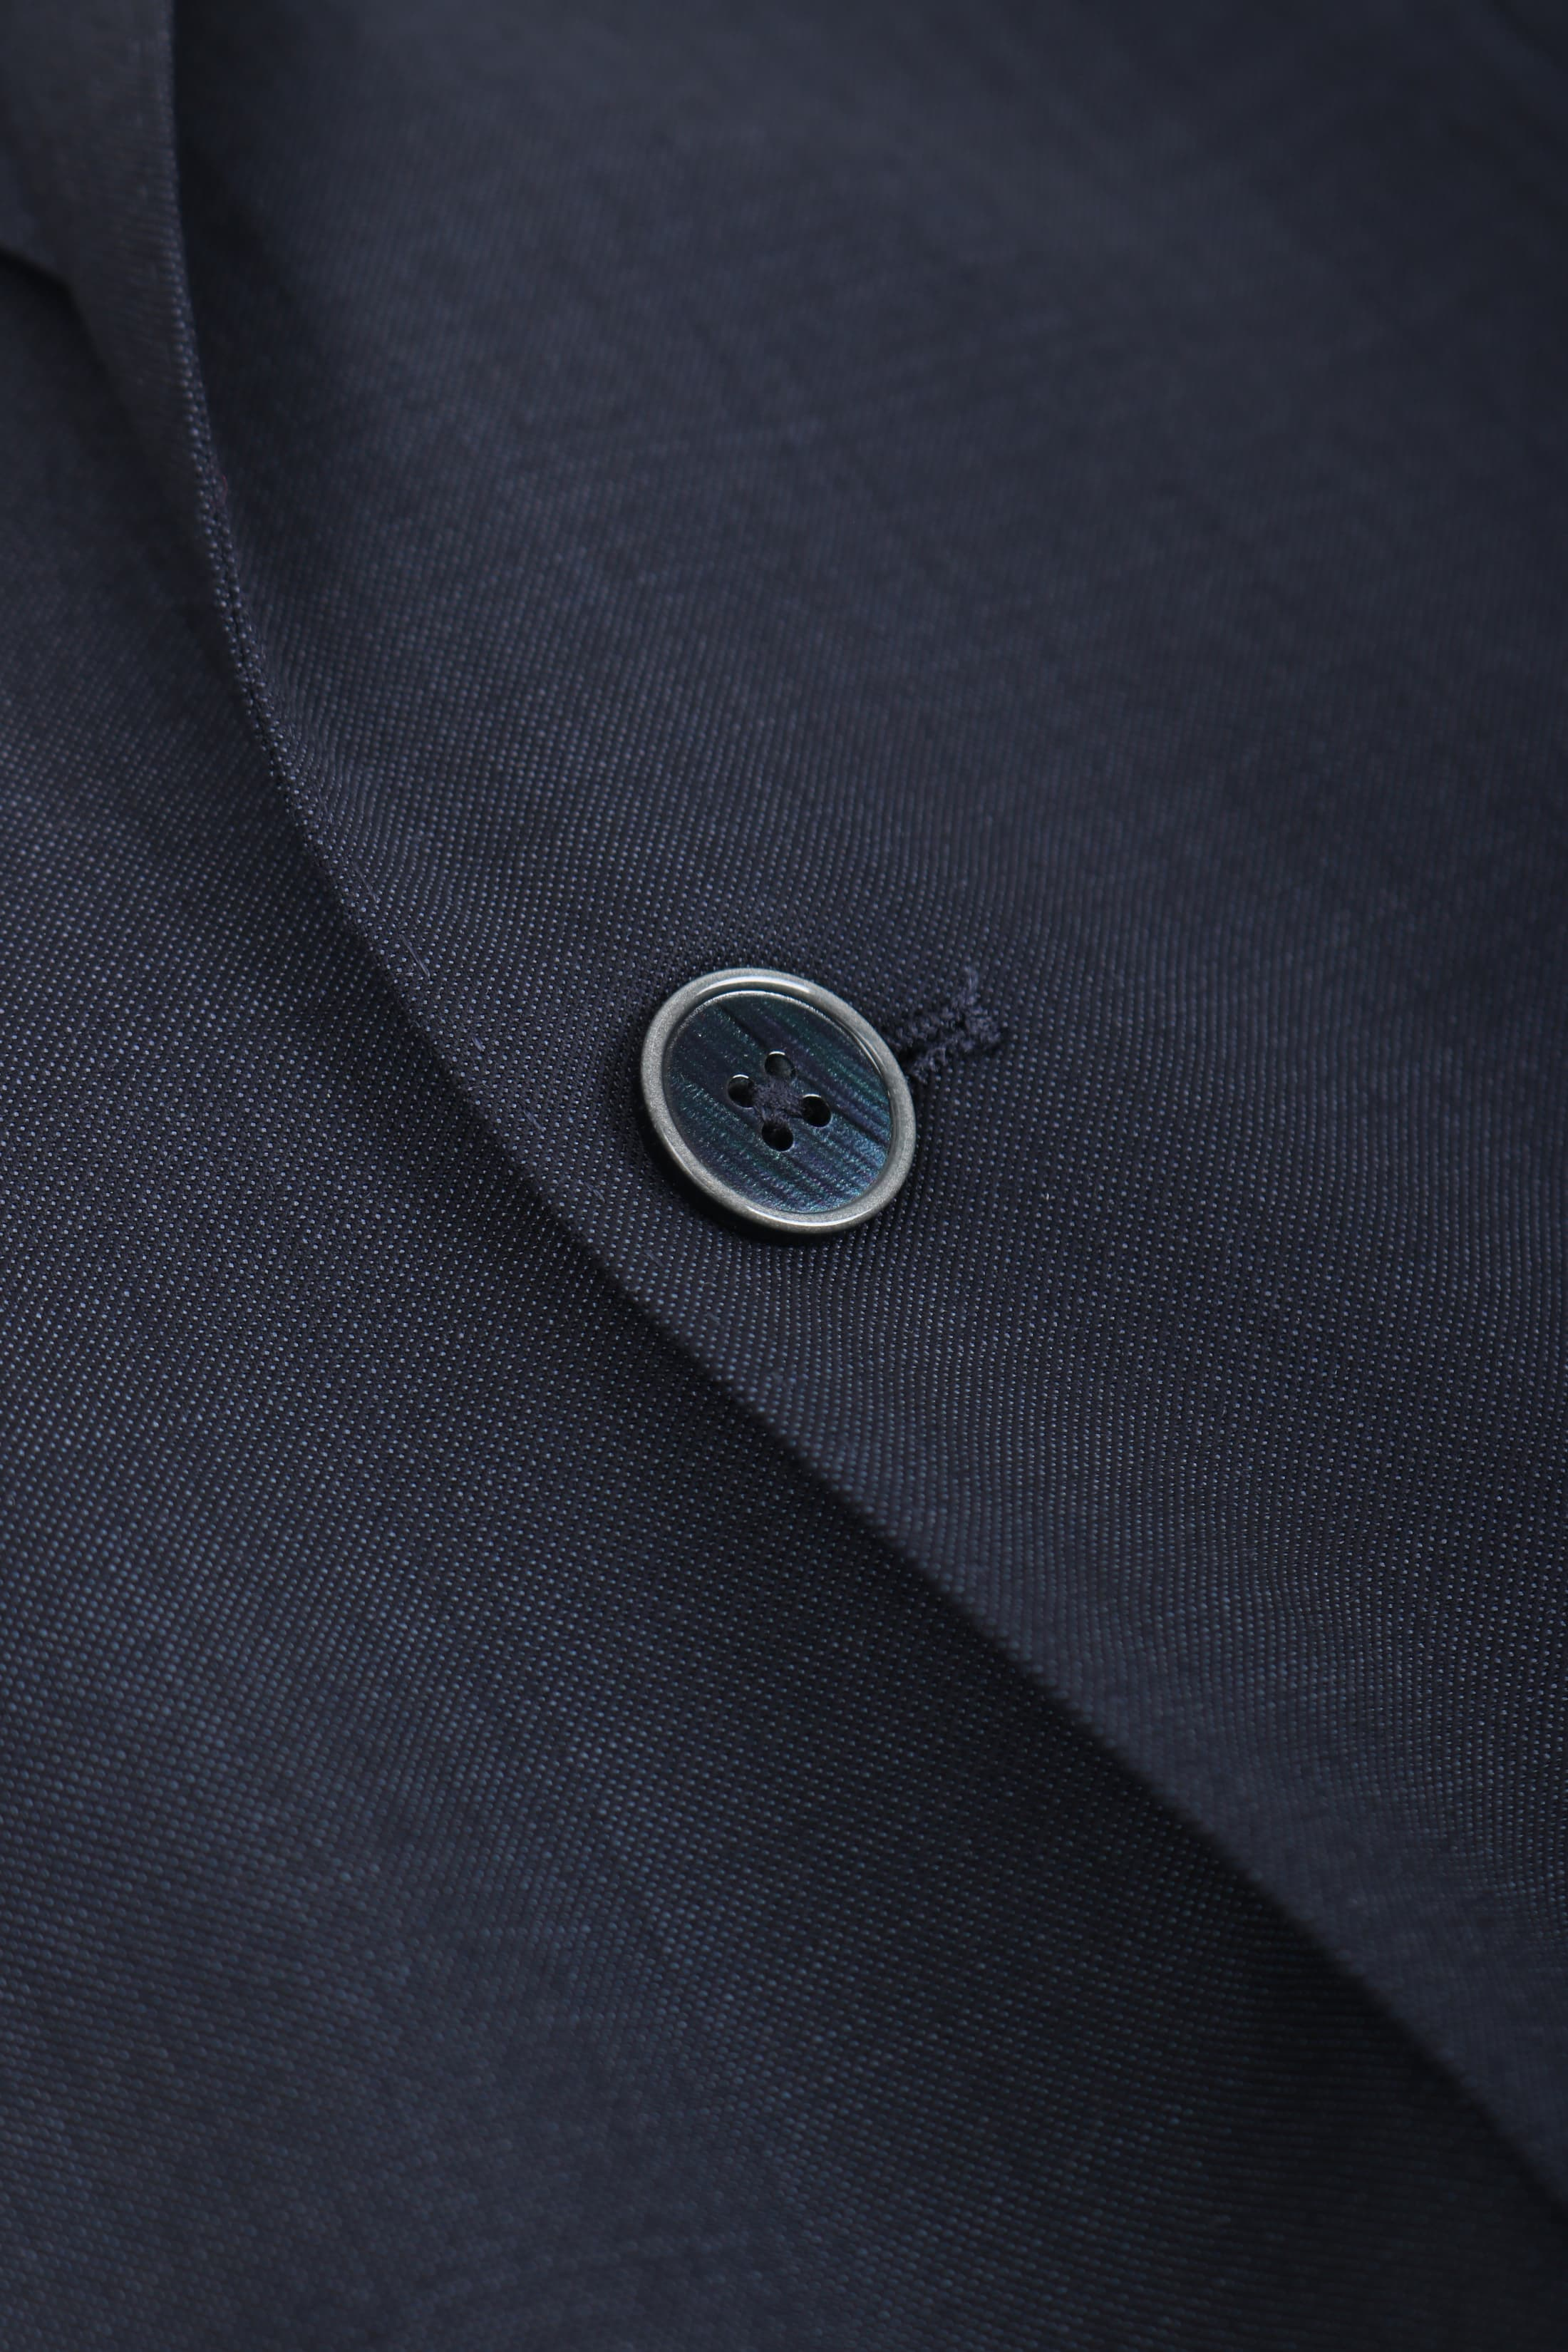 Suitable Suit Lausanne foto 1